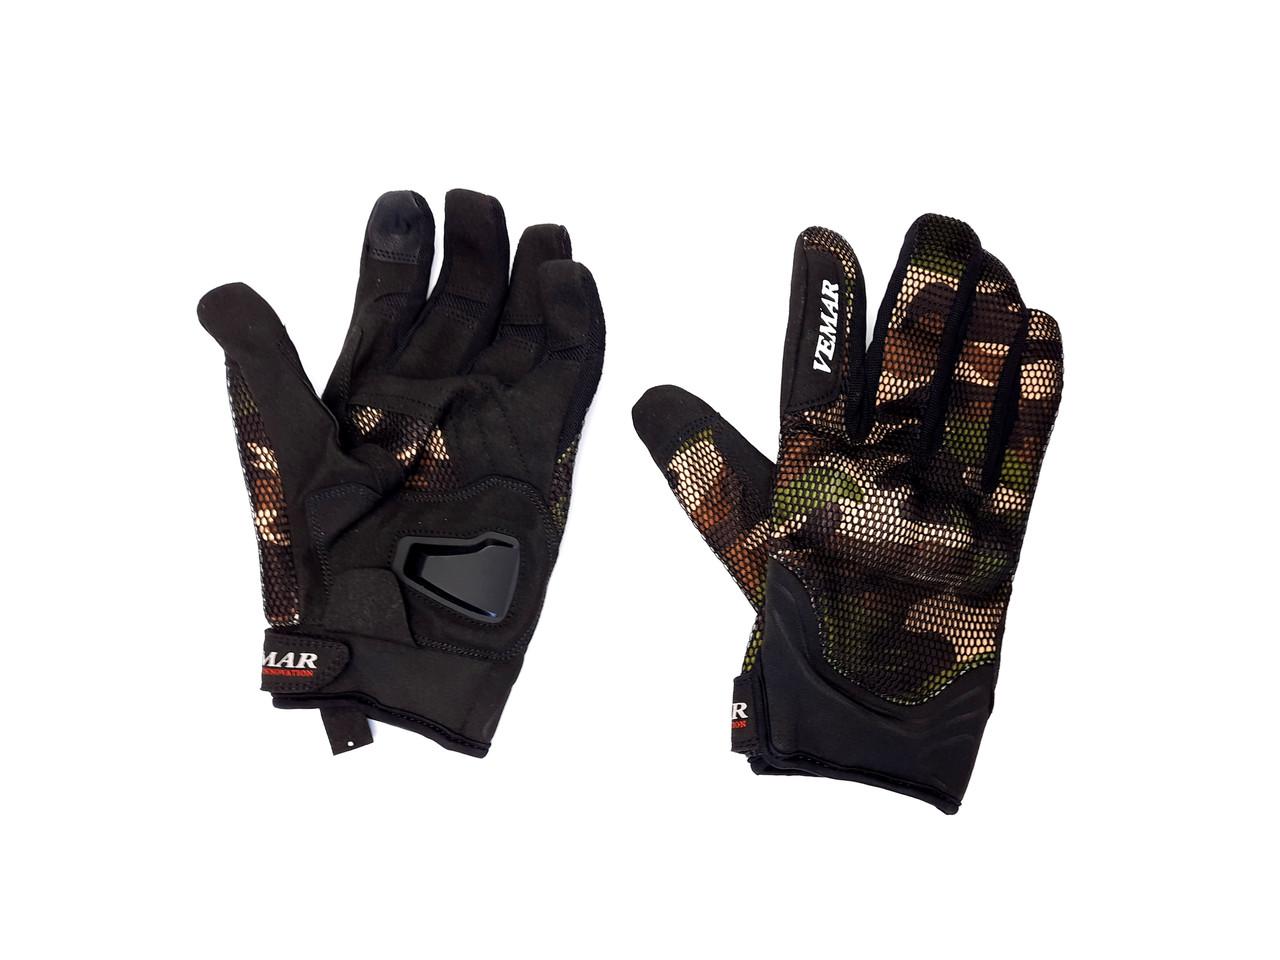 Перчатки VEMAR VE-173 сенсорный палец (size: M, хаки)